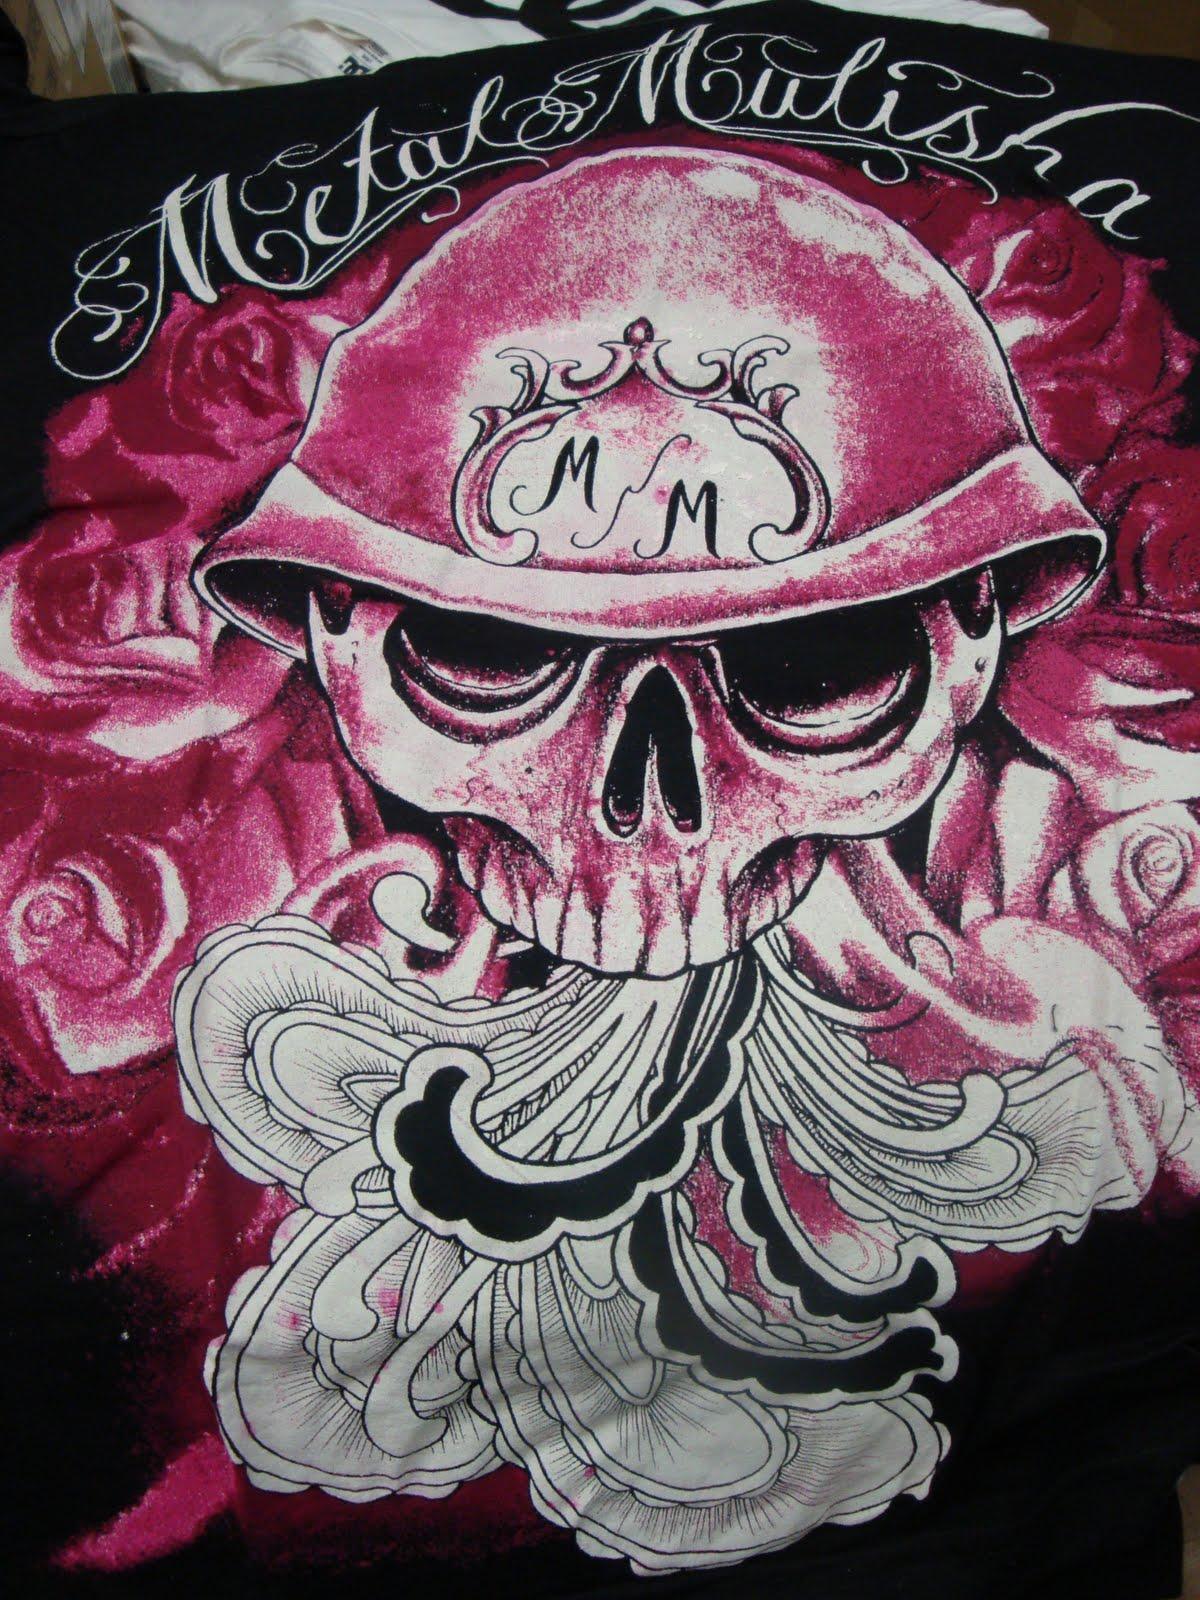 Pink Girly Wallpaper Iphone Metal Mulisha Wallpapers Wallpaper Cave